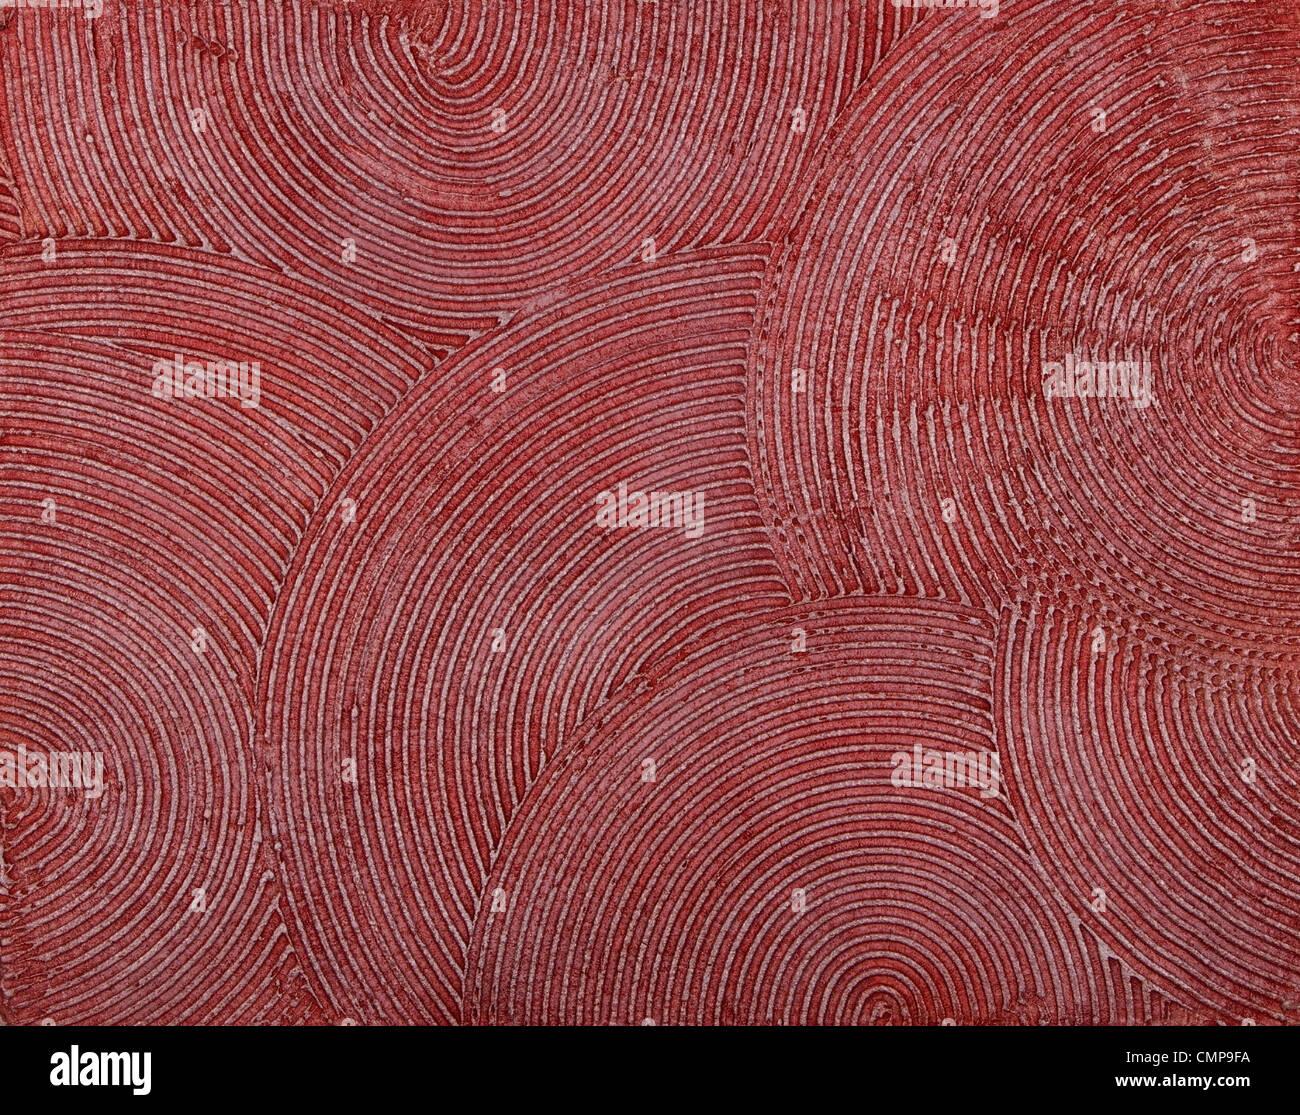 La texture du mur avec une profonde dabs circulaire de putty, recouvert de peinture rouge. Photo Stock